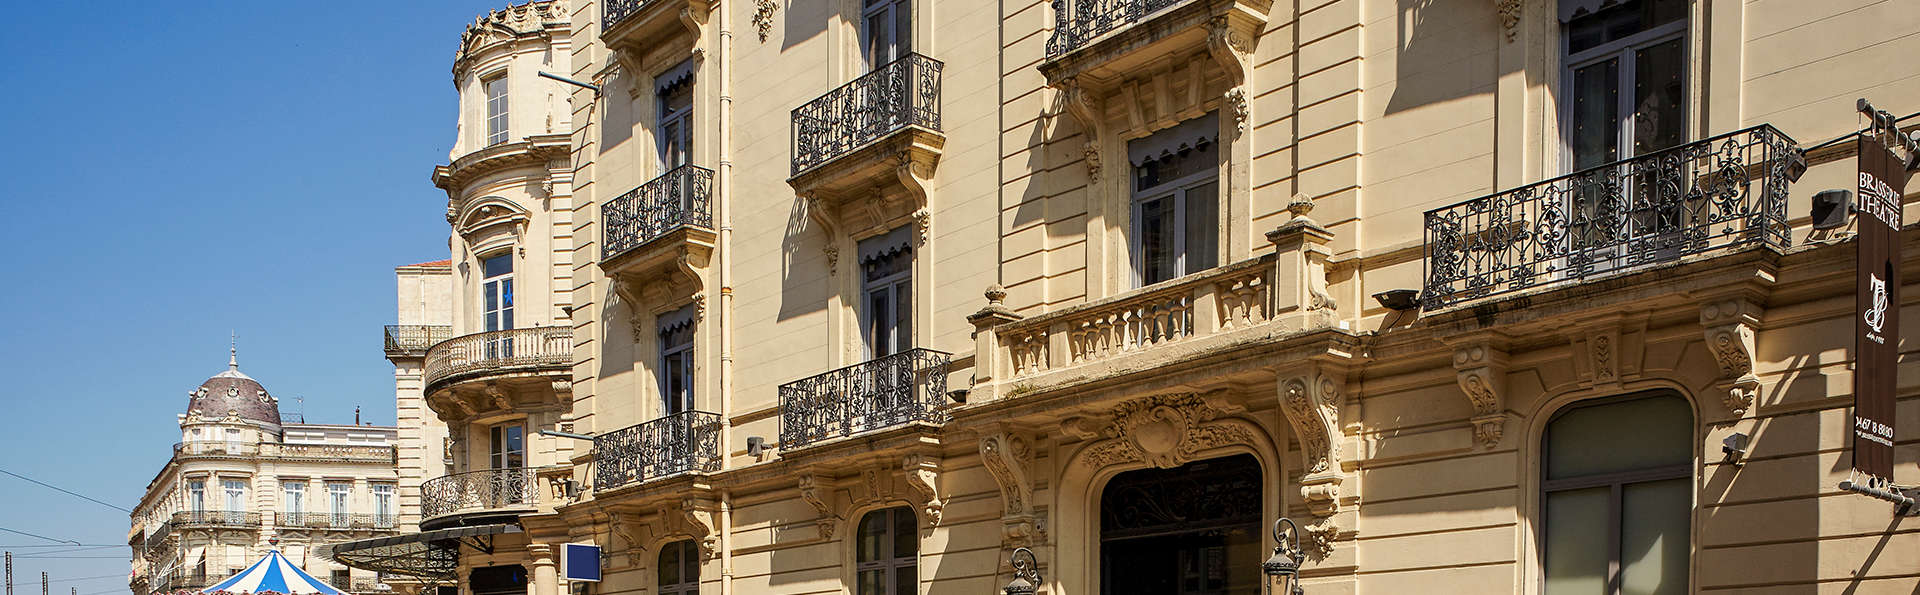 Grand Hôtel du Midi Montpellier - Opéra Comédie - edit_front.jpg